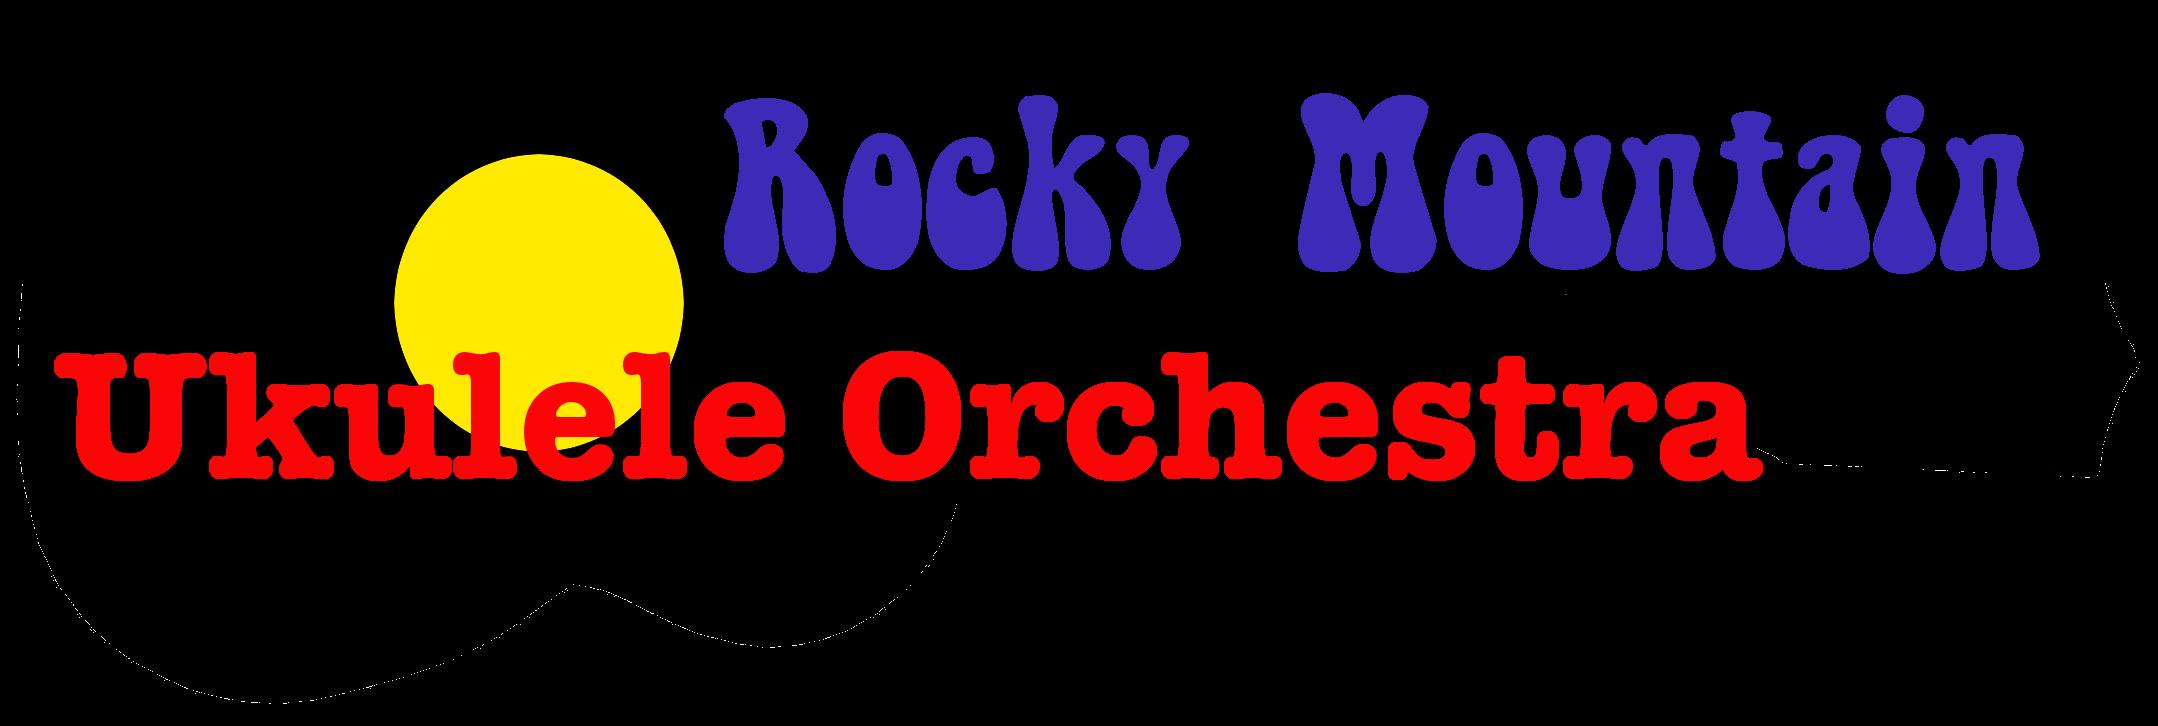 Rocky Mountain Ukulele Orchestra